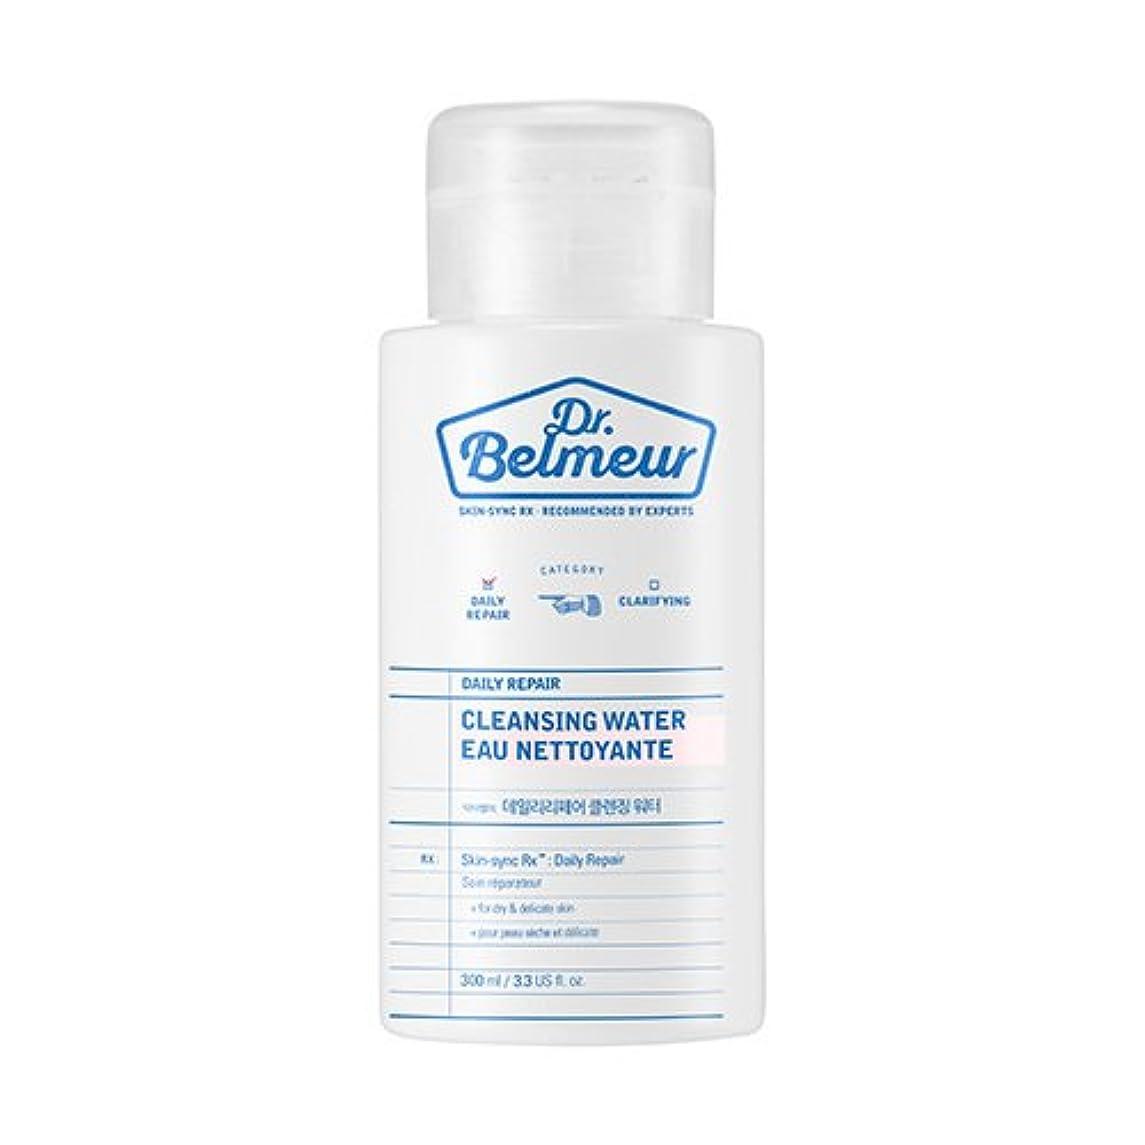 マークダウン密鷲THE FACE SHOP Dr.Belmeur Daily Repair Cleansing Water 300ml/ザフェイスショップ ドクターベルムール デイリー リペア クレンジングウォーター 300ml